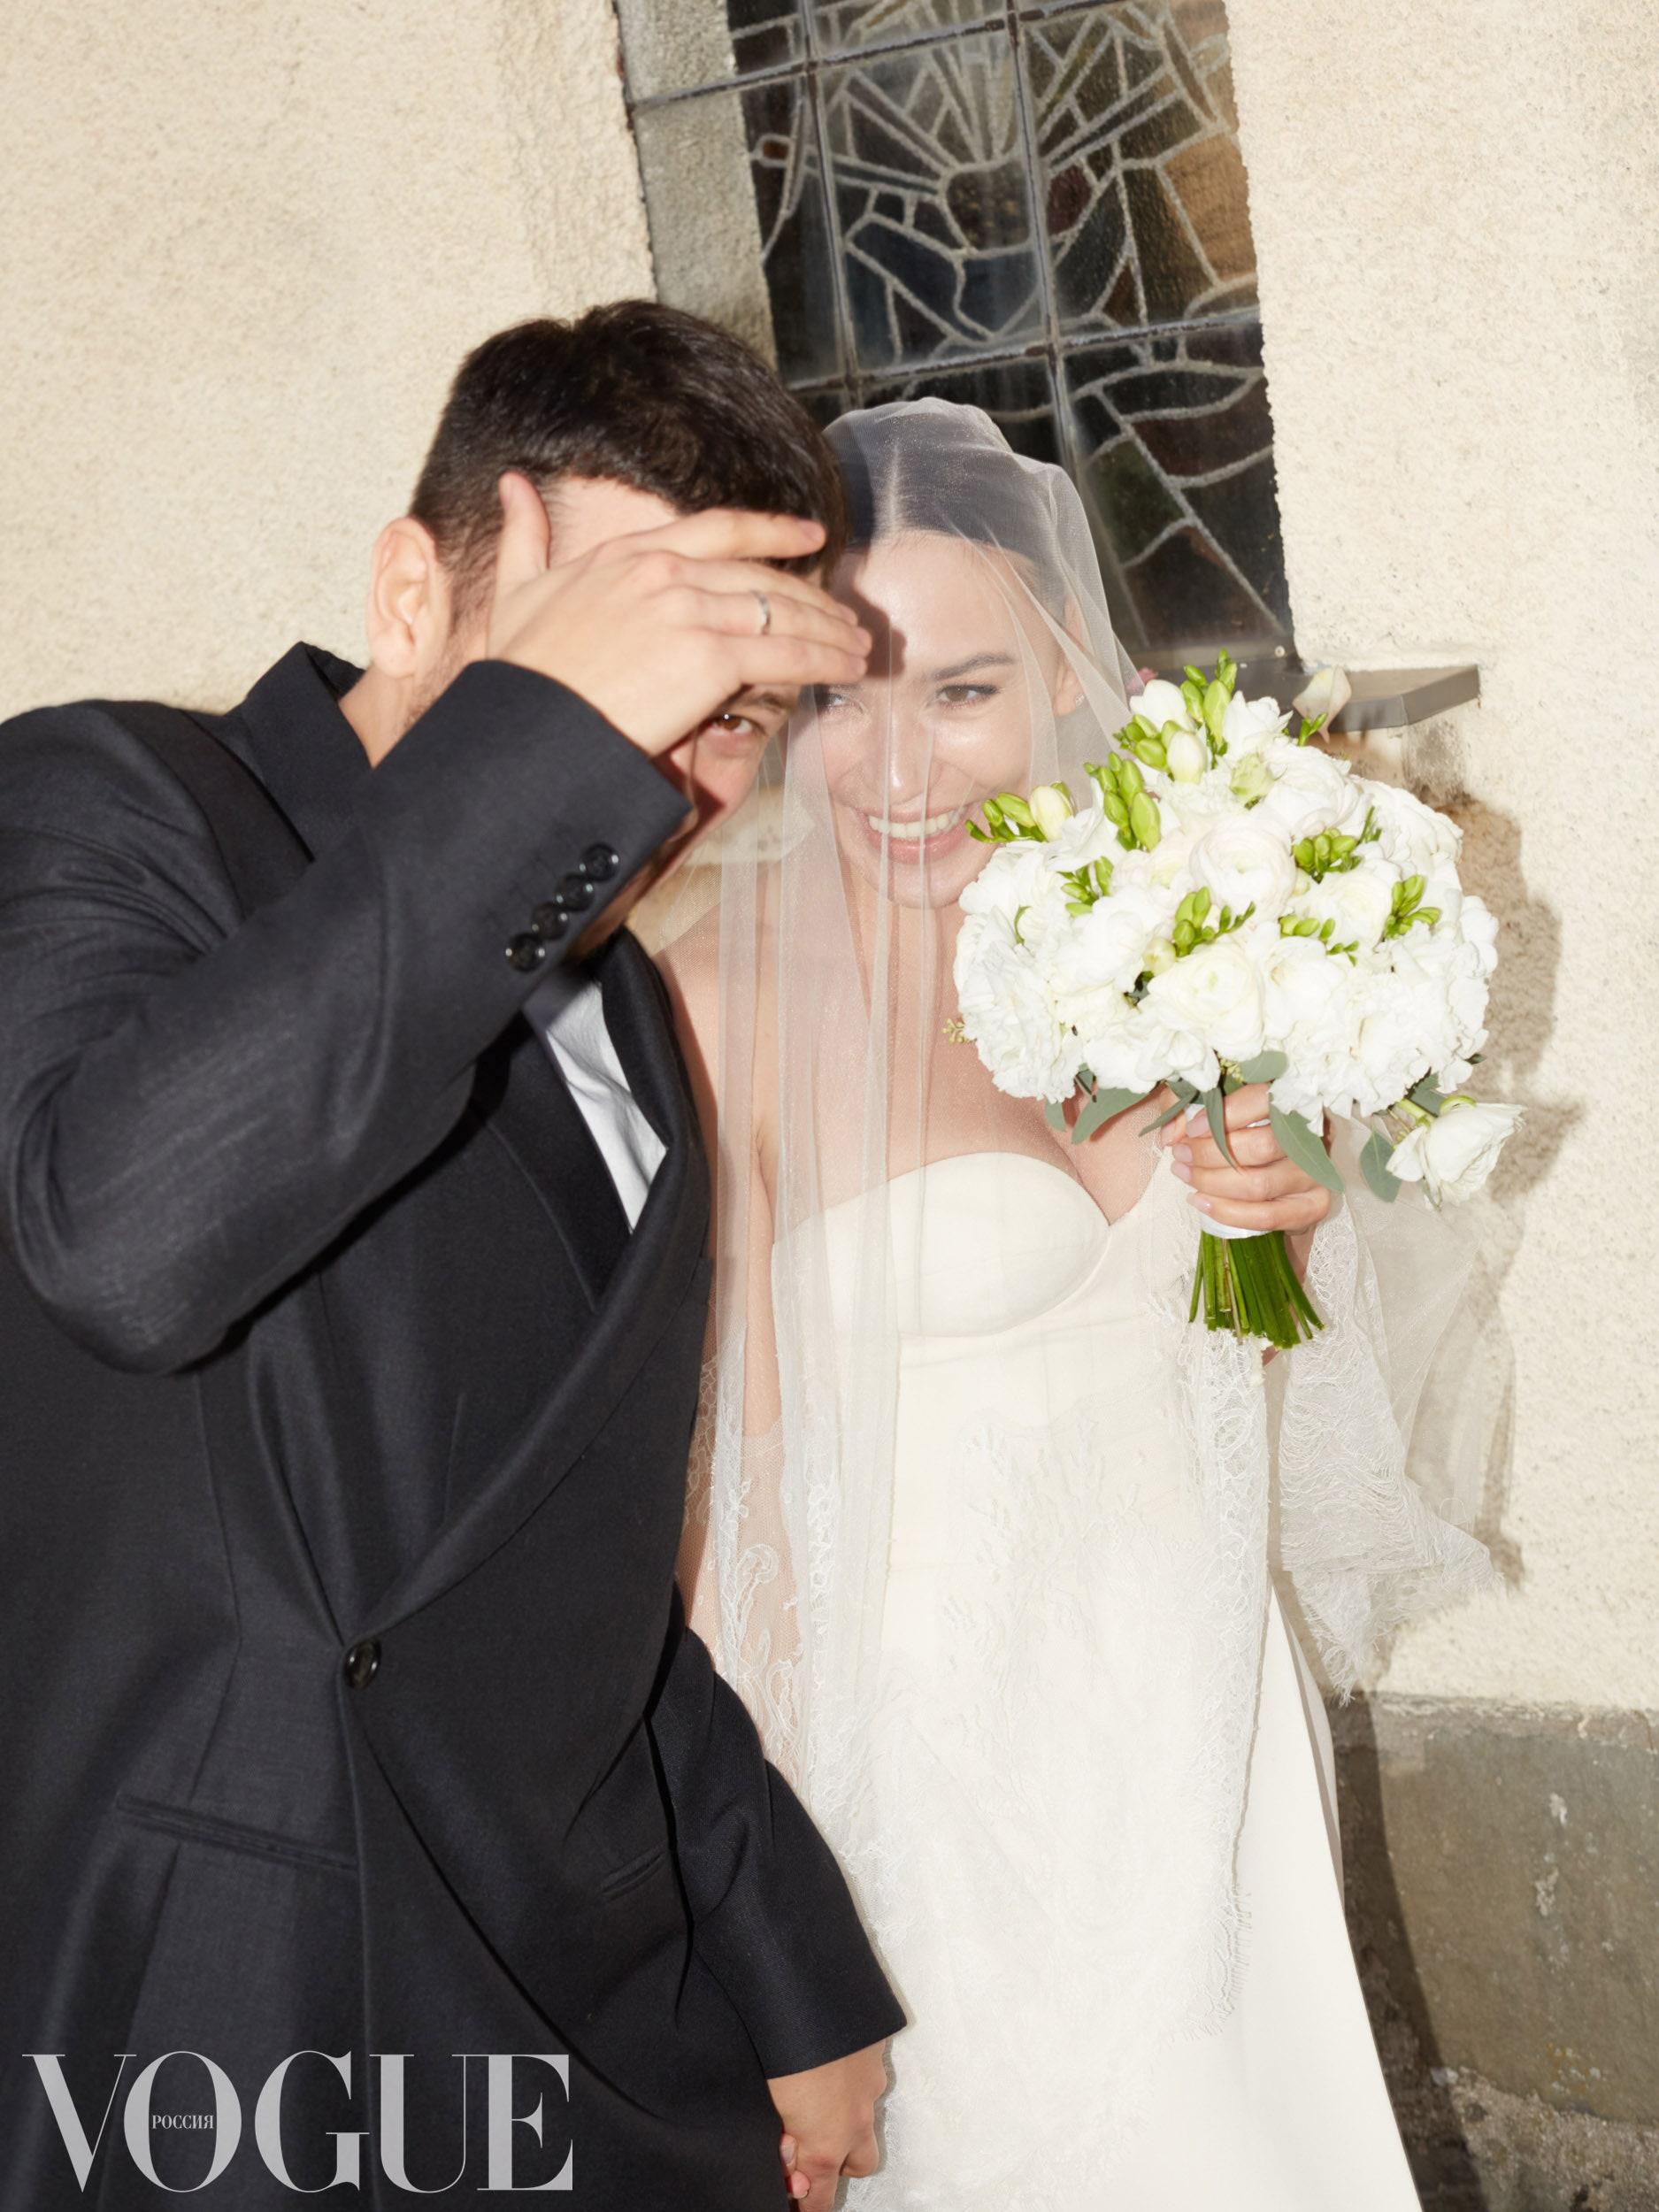 Ольга Серябкина вышла замуж: фотографии со свадьбы певицы